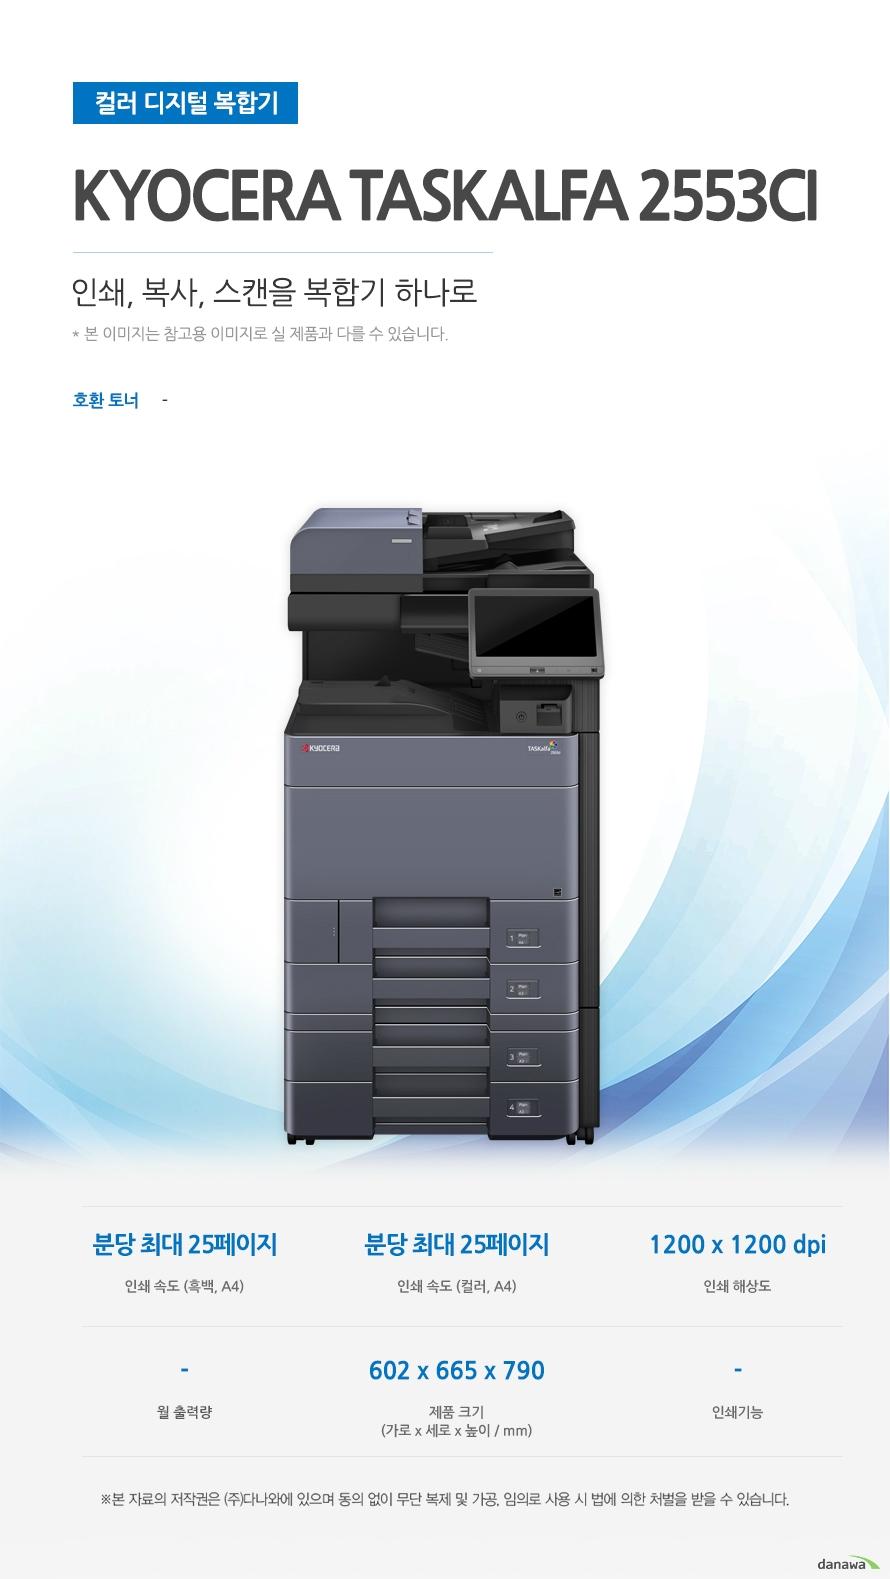 컬러 디지털 복합기 Kyocera TASKalfa 2553ci  (팩스/테이블 포함) 인쇄,복사.스캔을 복합기 하나로 호환토너 - (흑백, A4) 분당 최대 25페이지 / 인쇄 속도 (컬러, A4) 분당 최대 25페이지 / 인쇄 해상도 1200 x 1200 dpi / 제품 크기 (가로 x 세로 x 높이 / mm) 602 x 665 x 790 최대 25ppm의 빠른 인쇄 속도 다양한 문서에 대한 빠른 인쇄로 가정, 학교, 사무실 등 어느 환경에서나 답답함 없이 문서를 출력하실 수 있습니다.  *ppm: pages per minute (1분에 출력하는 페이지 수)흑백 출력 속도 25ppm / 컬러 출력 속도 25ppm / 흑백 첫 장 인쇄 7초 / 컬러 첫 장 인쇄 9.2초 효율적인 용지급지 용지함을 한 번 채워 넣으면 용지를 자주 채워줄 필요 없이 오랫 동안 사용할 수 있어, 업무 중 불필요한 시간 낭비를 줄여줍니다. *최대 용지함 개수와 최대 급지용량은 기본 장착이 아닙니다. 제품 구매 전 옵션 사항을 확인하세요.최대 용지함(옵션) 4단 용지함 기본 급지 용량 1,150매 최대 급지 용량  7,150매 어느 공간에나 어울리는 컴팩트한 사이즈 컴팩트한 사이즈로 다양한 환경에서 부담없이 설치하고 효율적으로 배치시킬 수 있습니다. 602 x 665 x 790mm 가로 x 세로 x 높이 사무환경에 맞는 인쇄, 복사, 스캔 및 팩스기능 인쇄, 복사, 스캔 및 팩스 기능을 결합하여 불필요한 시간 절약은 물론, 더욱 효율적인 처리가 가능합니다. *팩스의 경우 기본장착이 아닙니다. 제품 구매 전 옵션 사항을 확인 하세요.